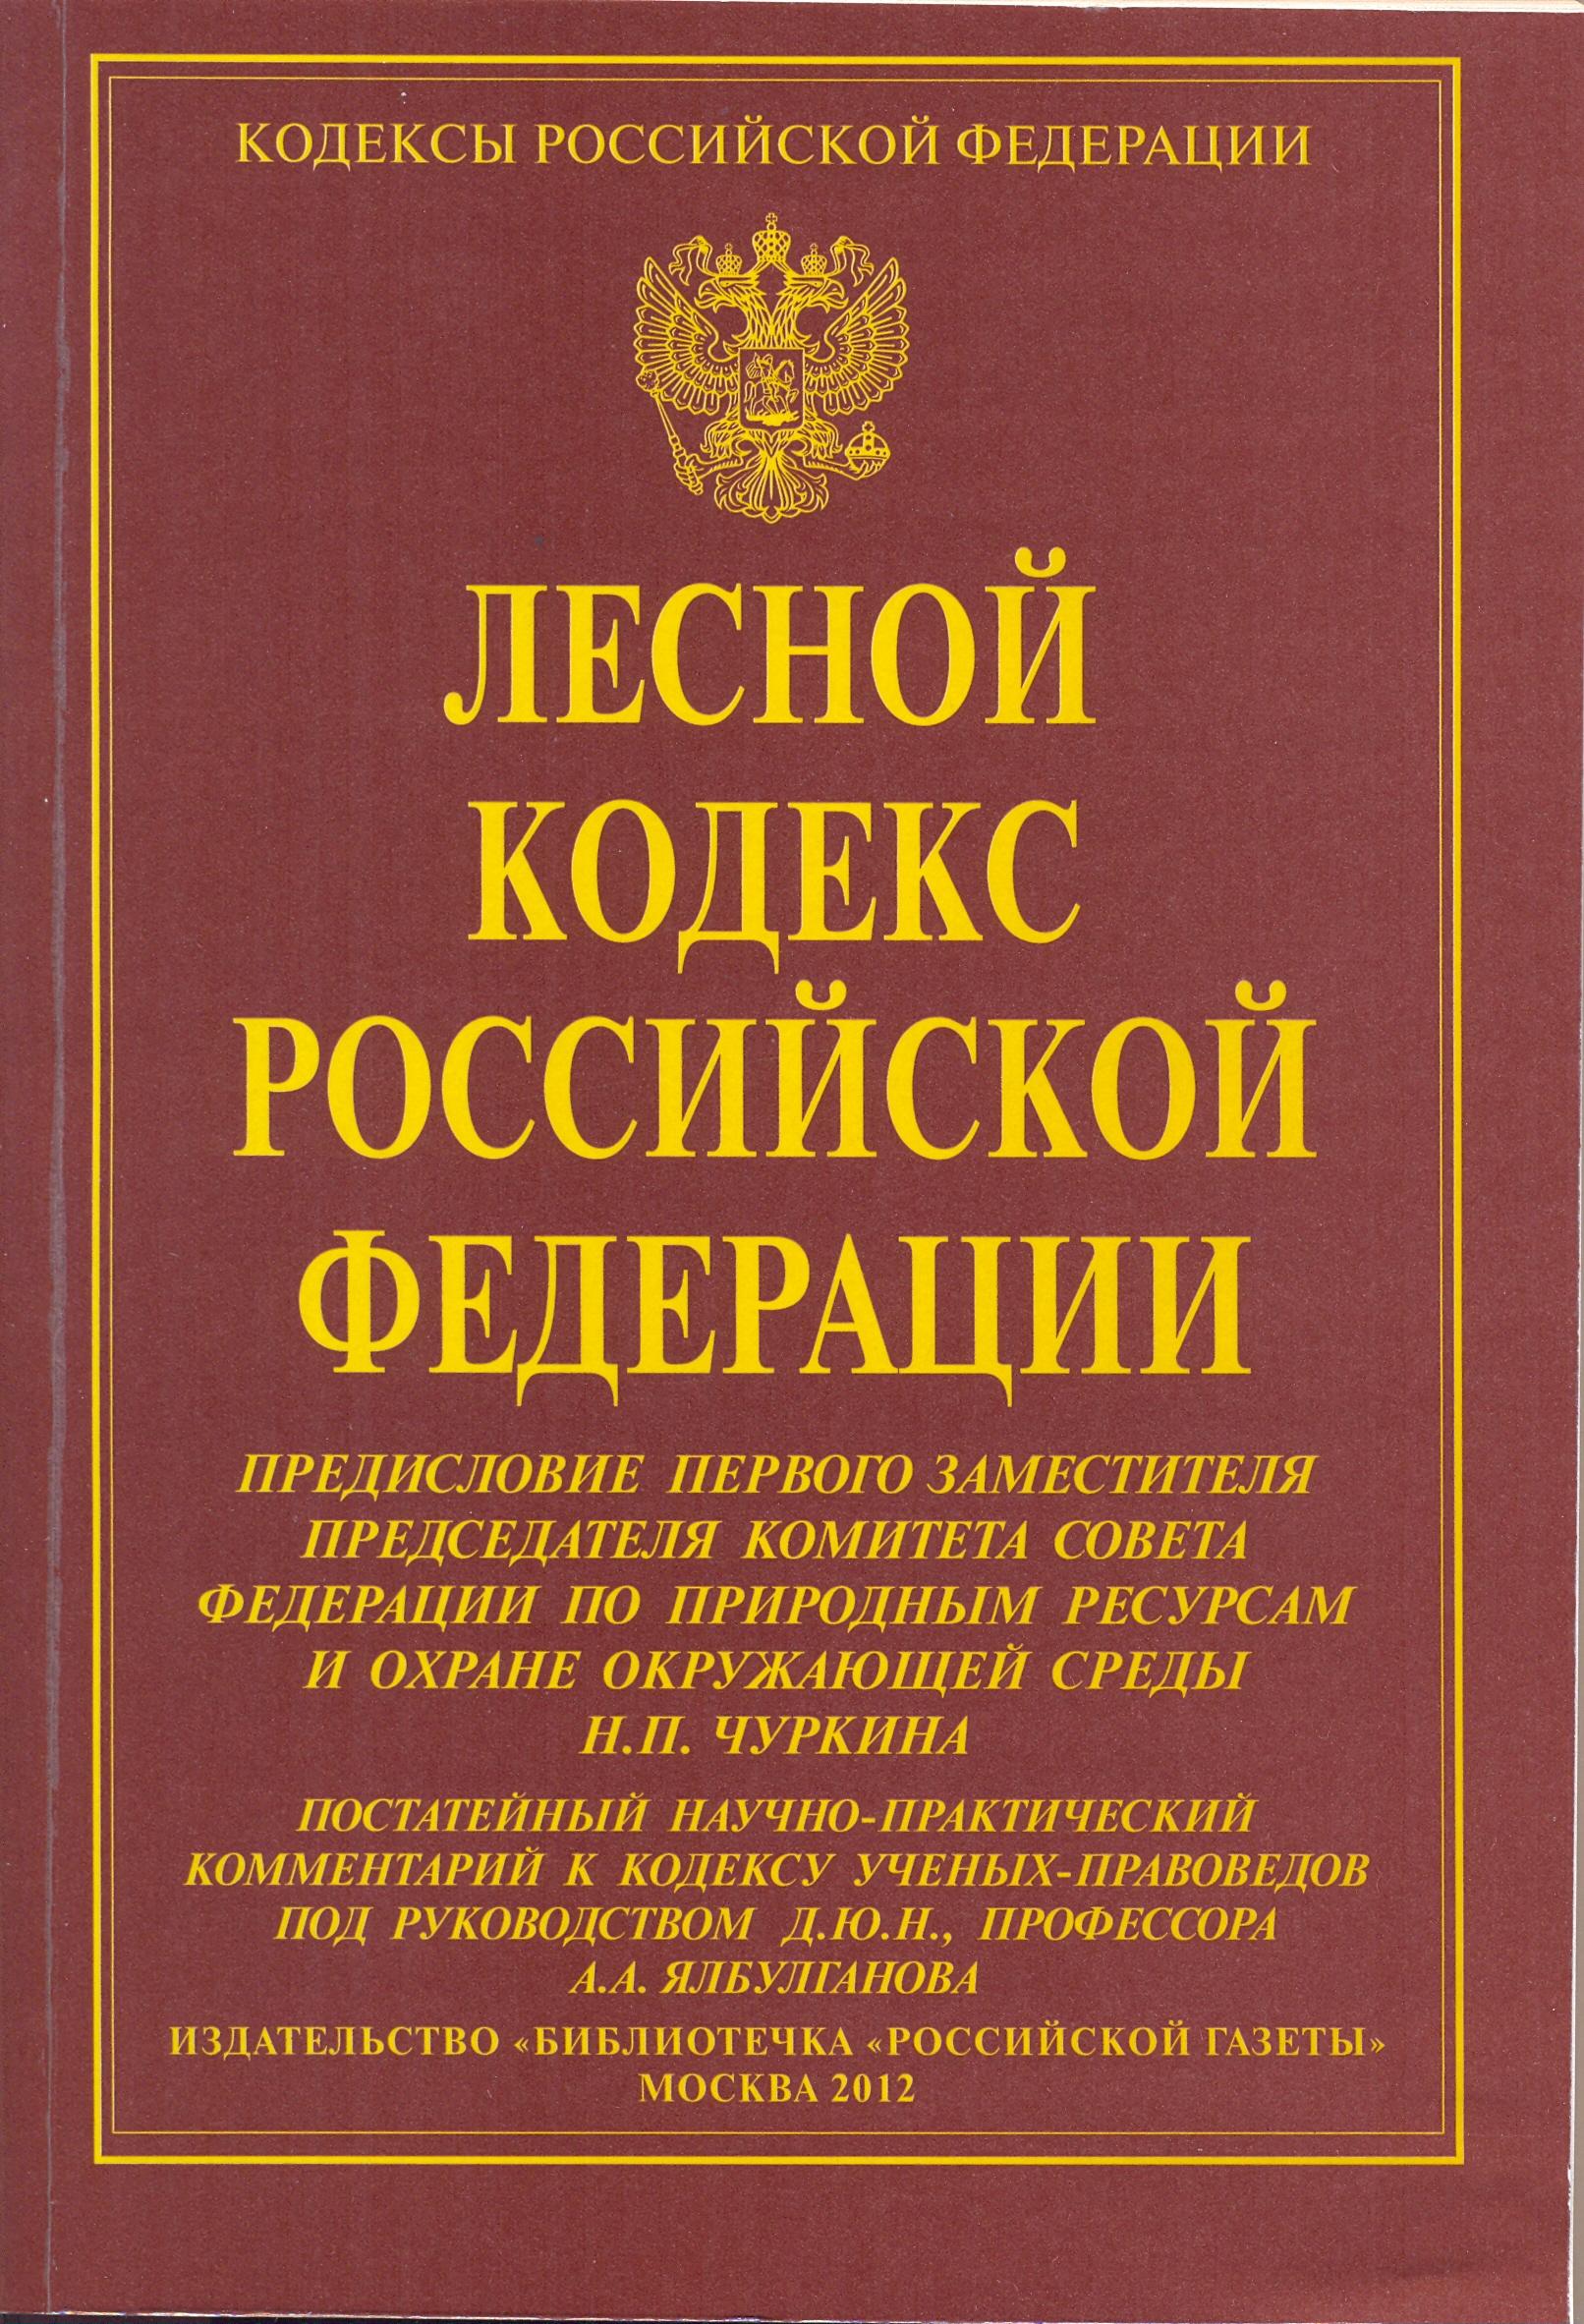 Лесной кодекс Российской Федерации: постатейный научно-практический комментарий